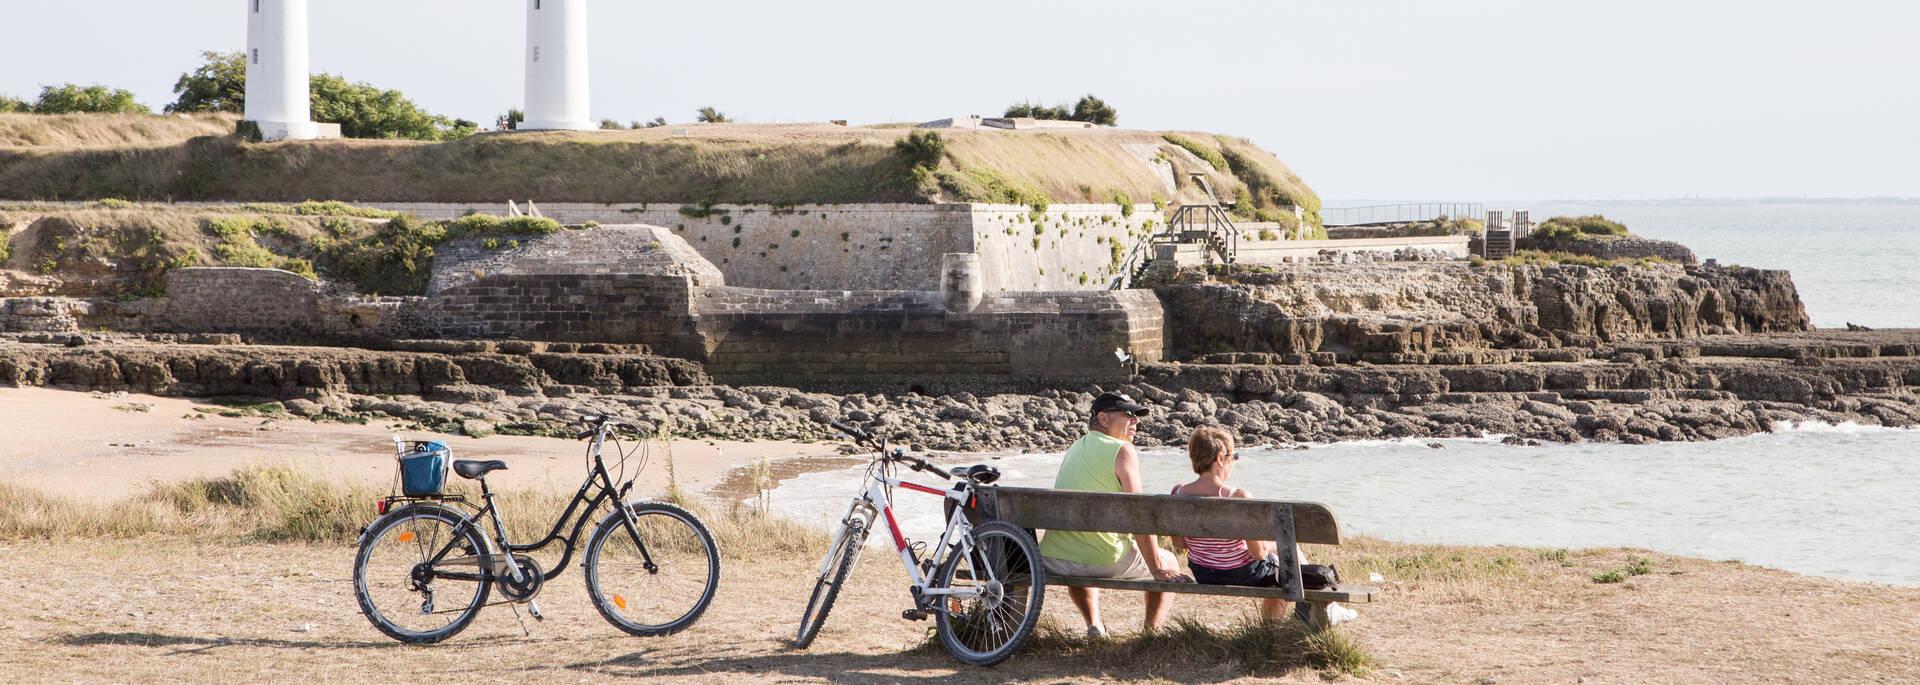 Pause pour les cyclistes de l'île d'Aix : on profite du panorama sur Fort Boyard - © Vïven